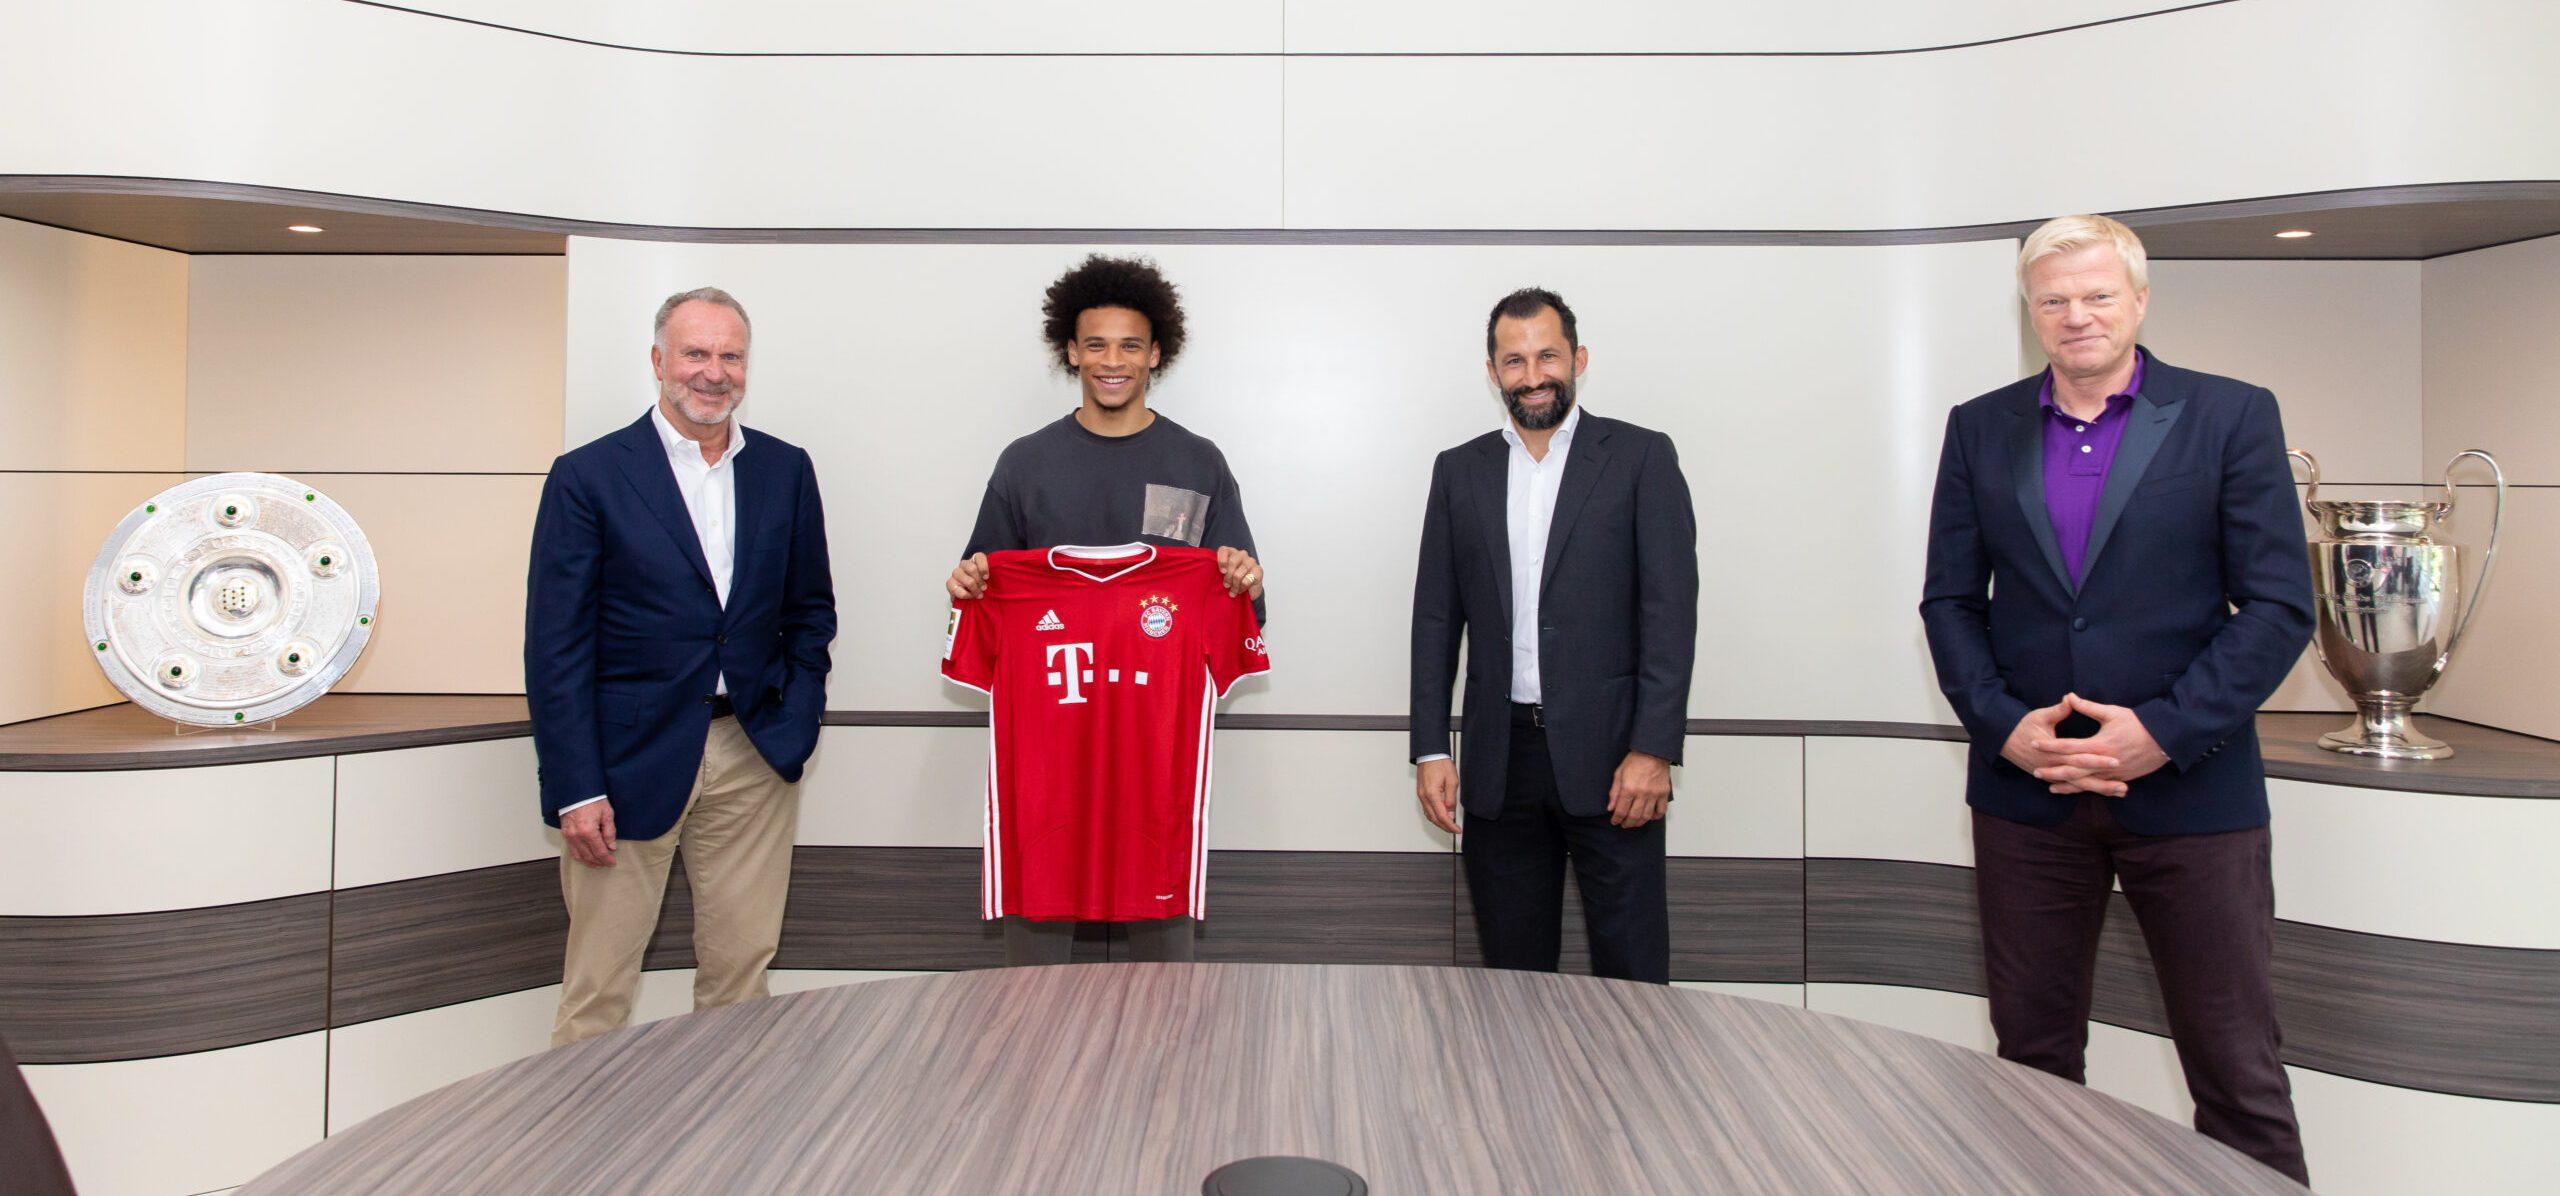 Fußball: Wechsel von Leroy Sane zum FC Bayern perfekt